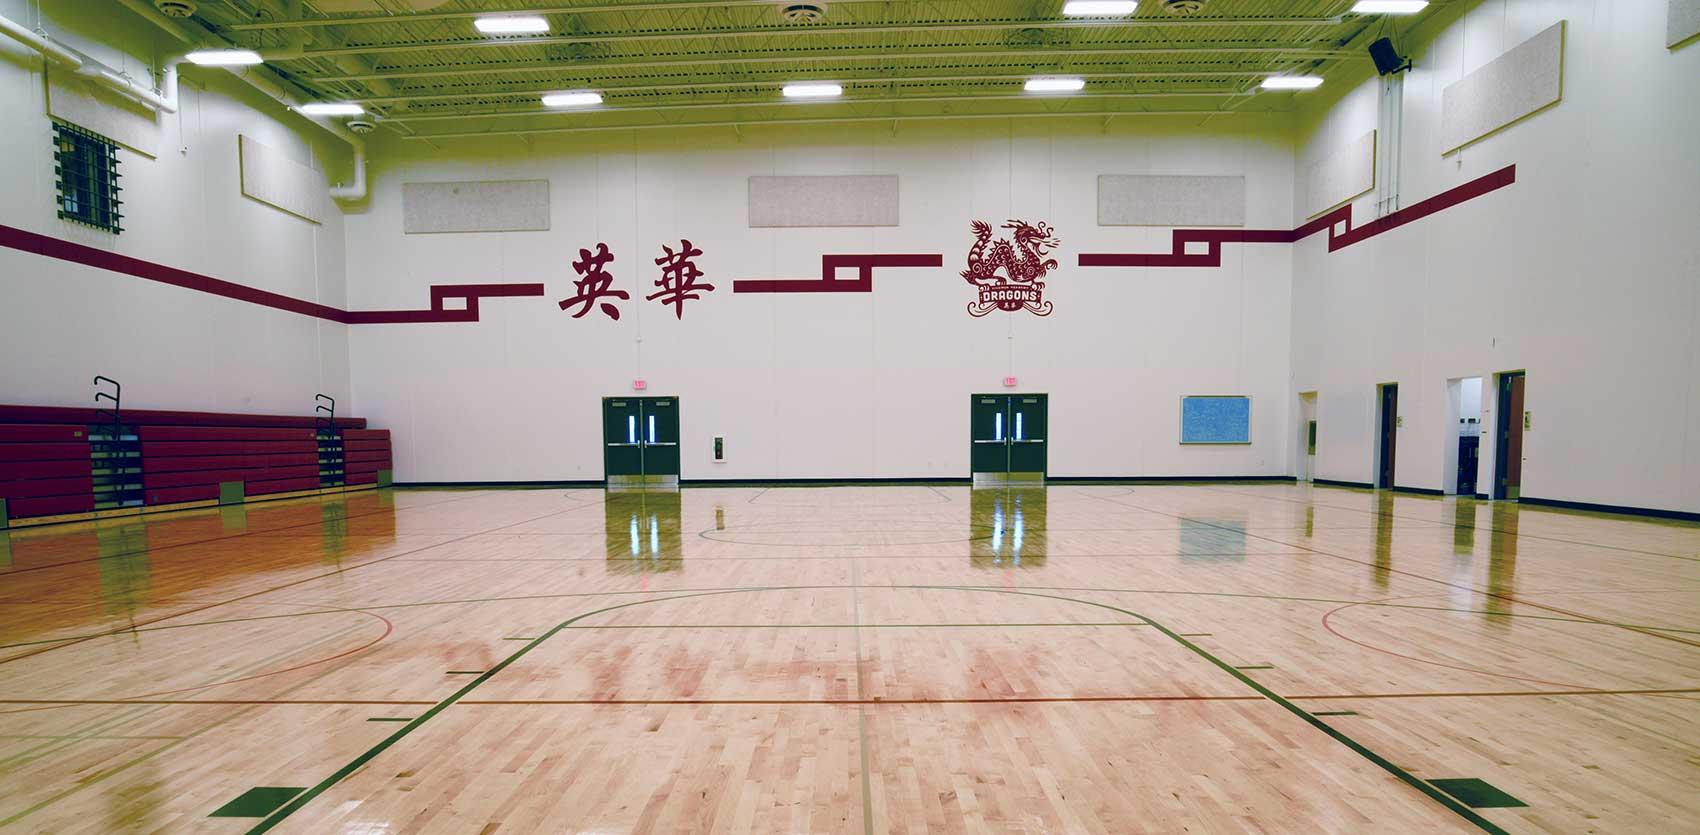 Yinghua Academy Gymnasium